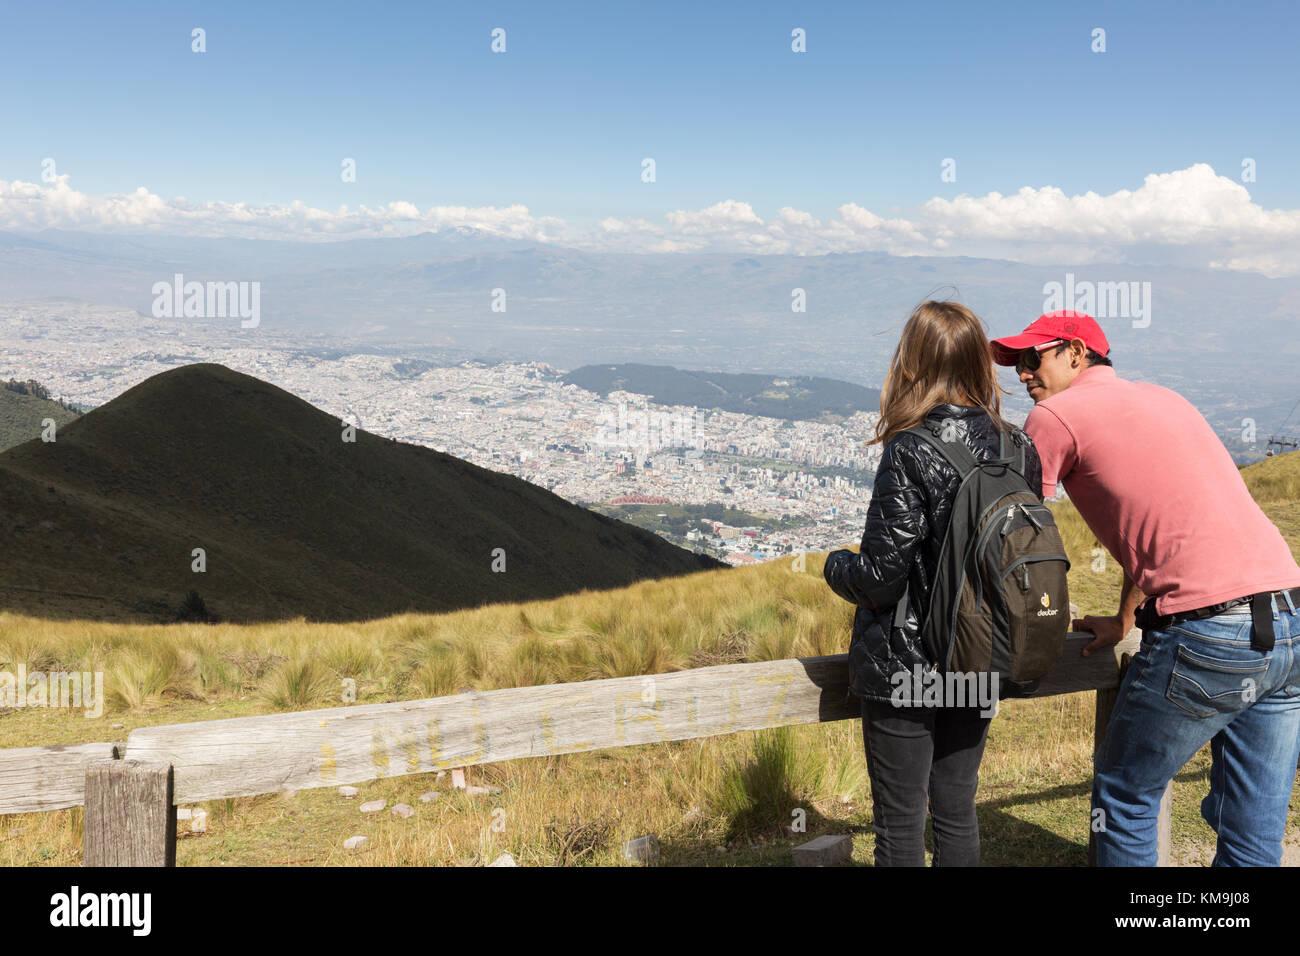 Ecuador - vacaciones, una joven pareja en la parte superior de la Teleferiqo teleférico, con vistas a la ciudad Imagen De Stock